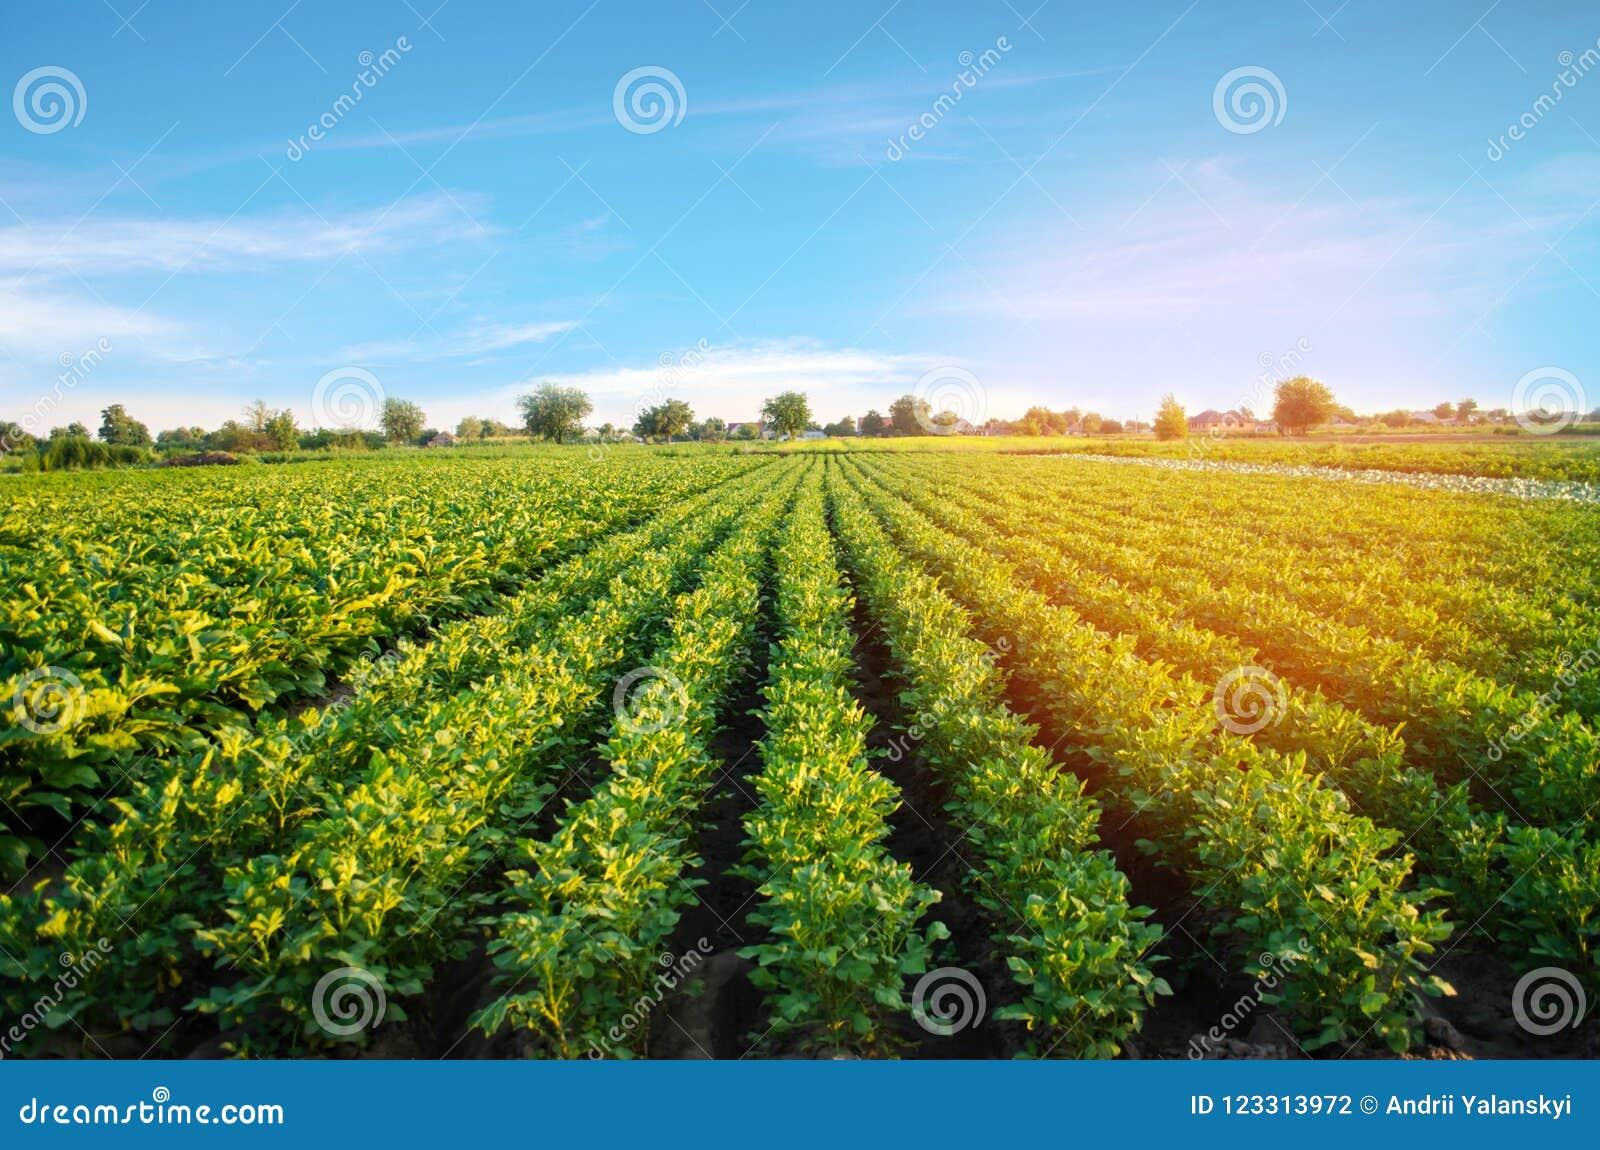 Le piantagioni della patata si sviluppano nel campo file di verdure Agricoltura, agricoltura Paesaggio con terreno agricolo crops